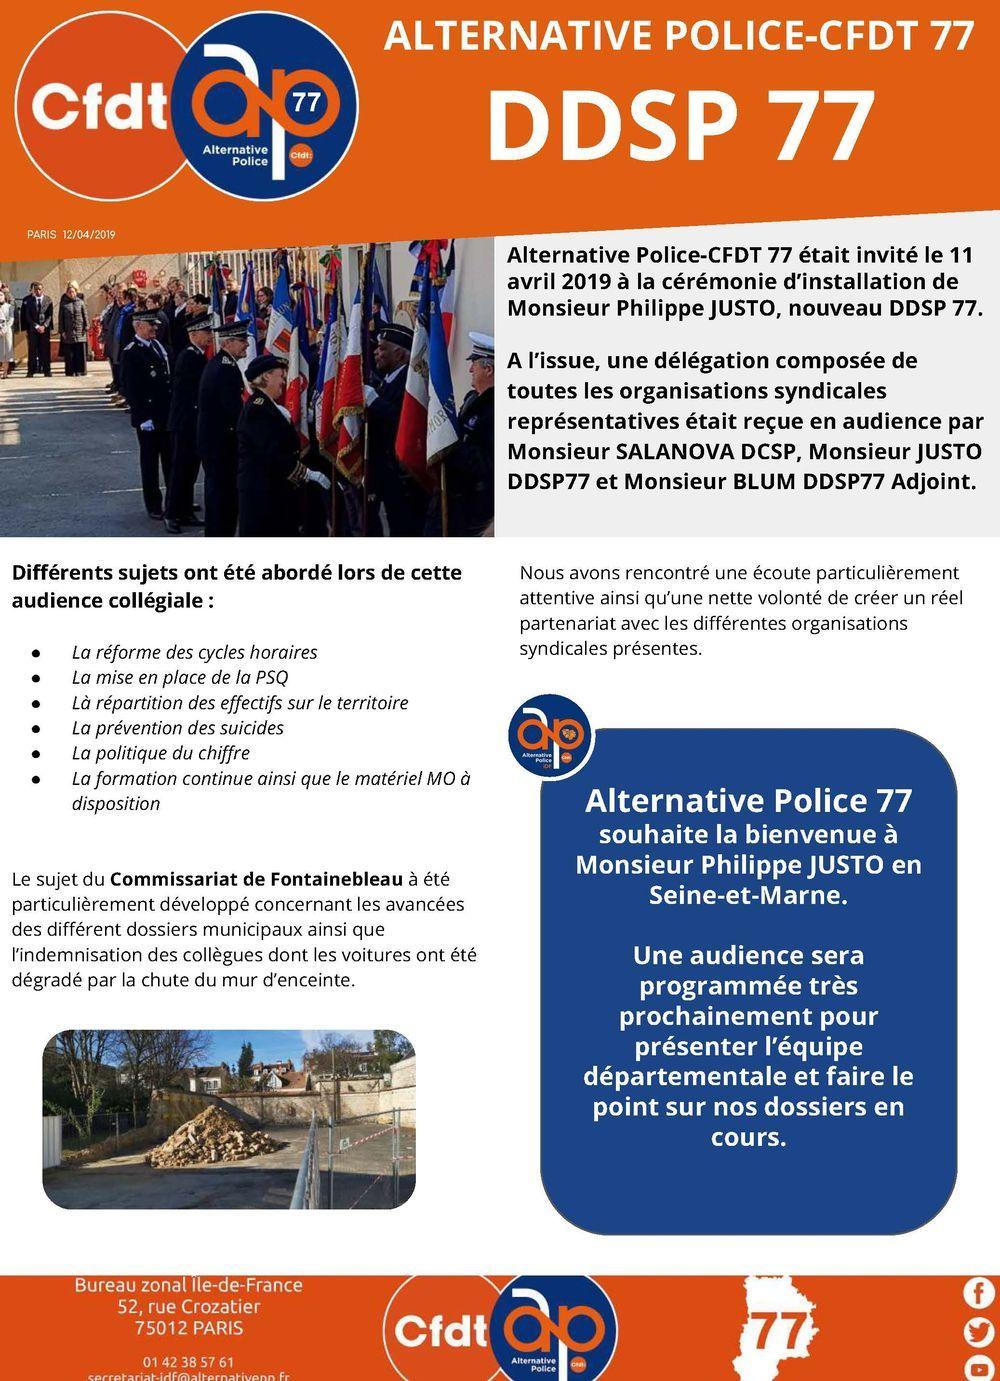 ALTERNATIVE POLICE-CFDT 77